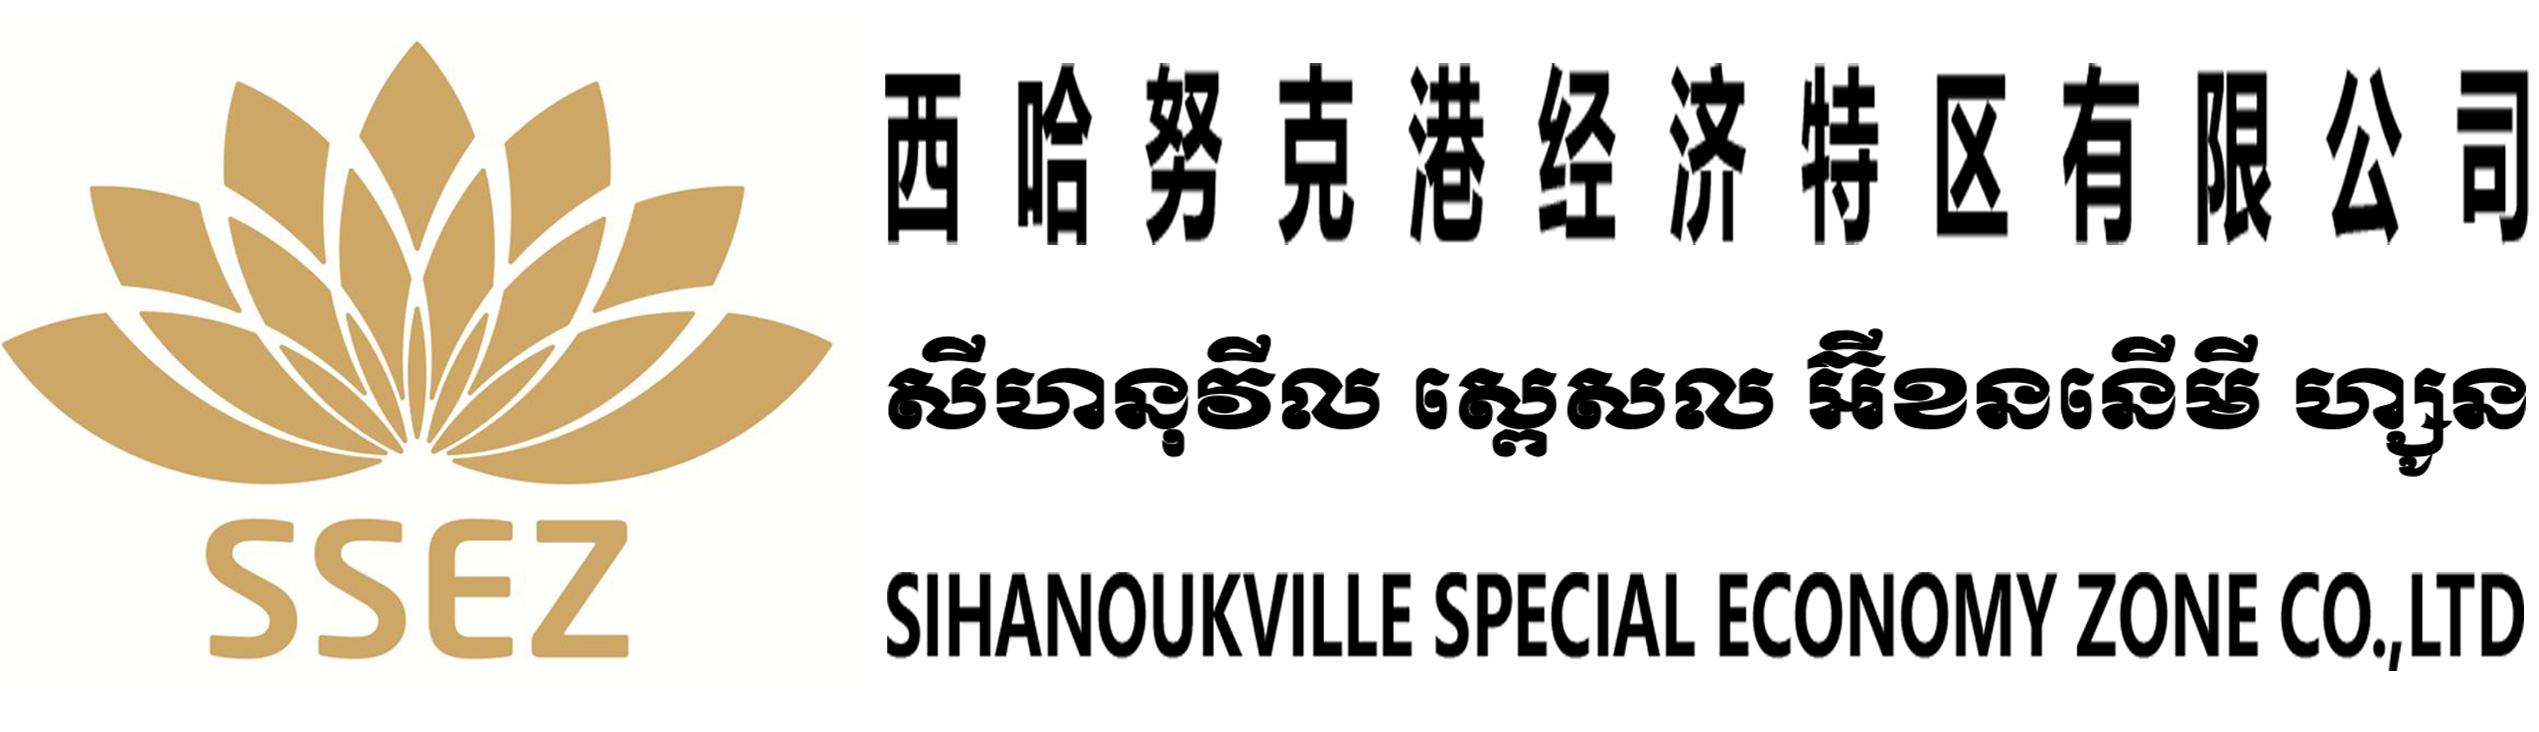 柬埔寨西哈努克港经济特区有限公司